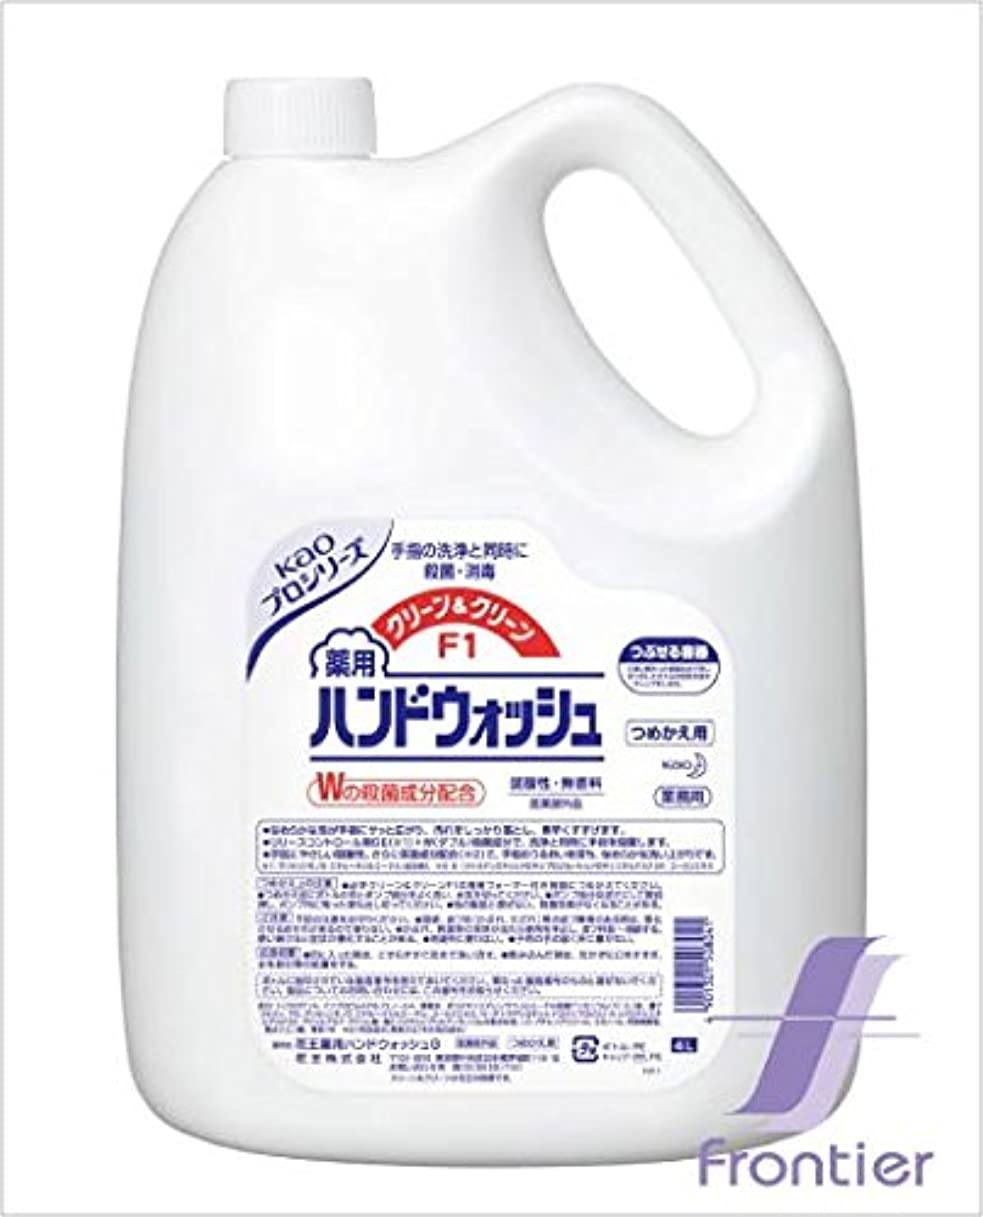 クライアント動物園レザー花王 クリーン&クリーンF1 薬用ハンドウォッシュ 4リットル 3缶セット